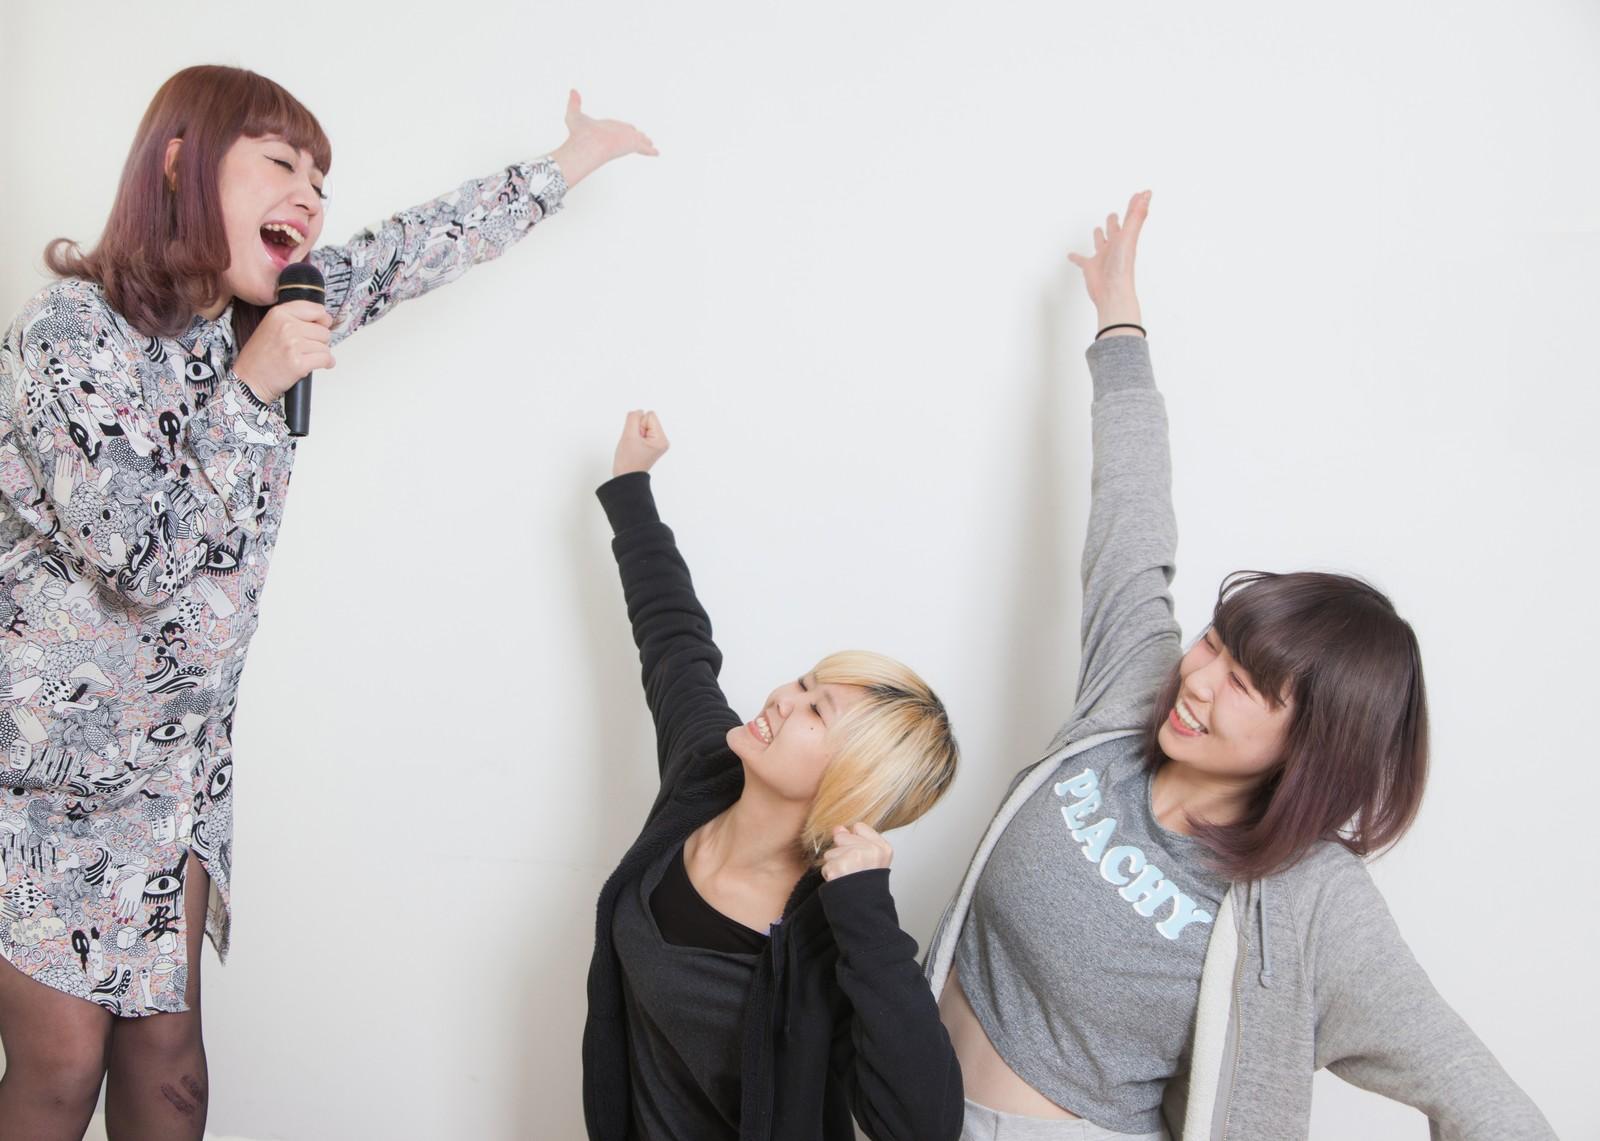 【カラオケ】盛り上がるアニソンを教えてください!!